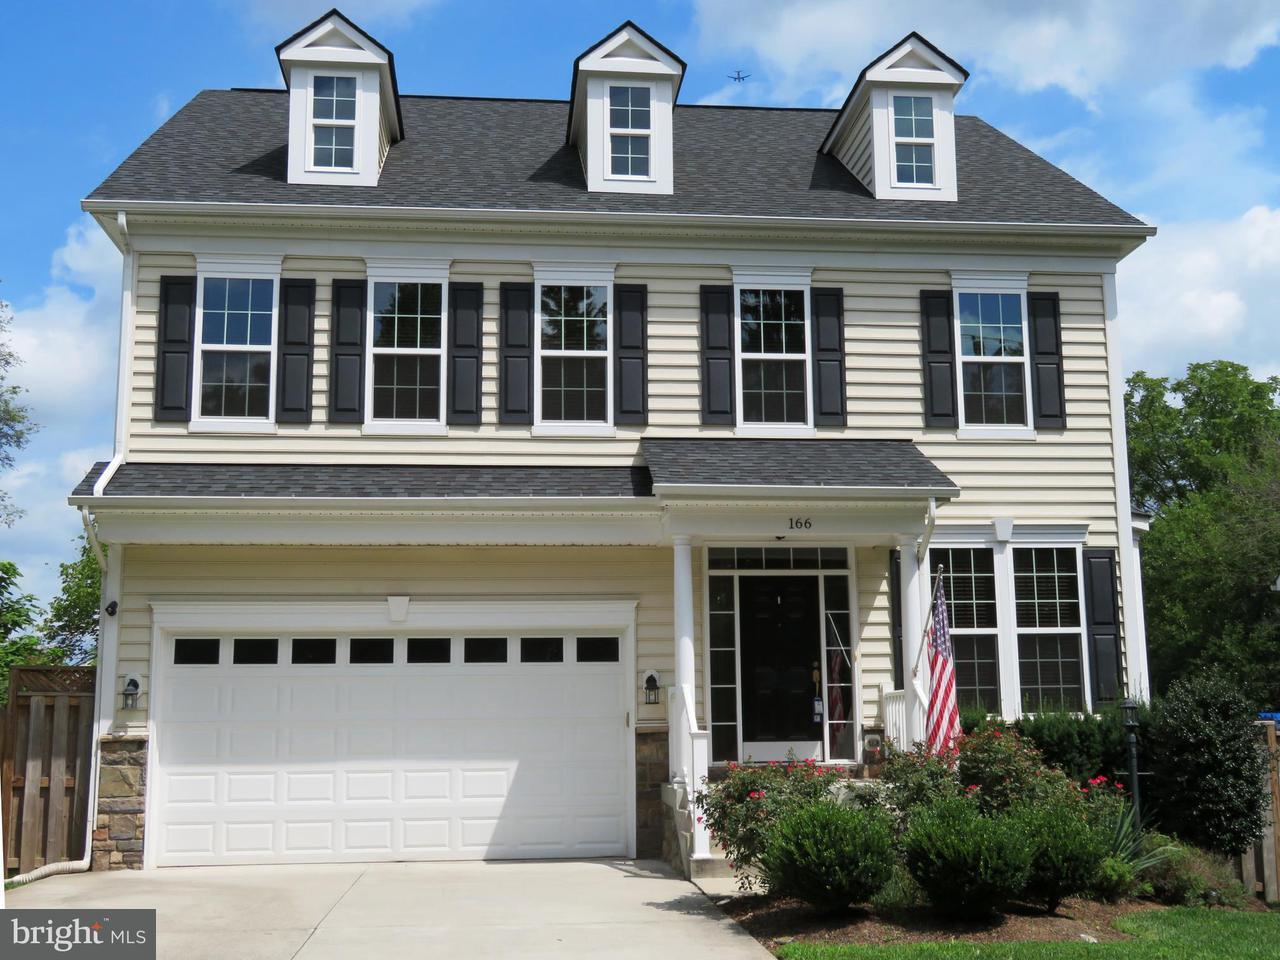 Casa Unifamiliar por un Venta en 166 CABBEL Drive 166 CABBEL Drive Manassas Park, Virginia 20111 Estados Unidos